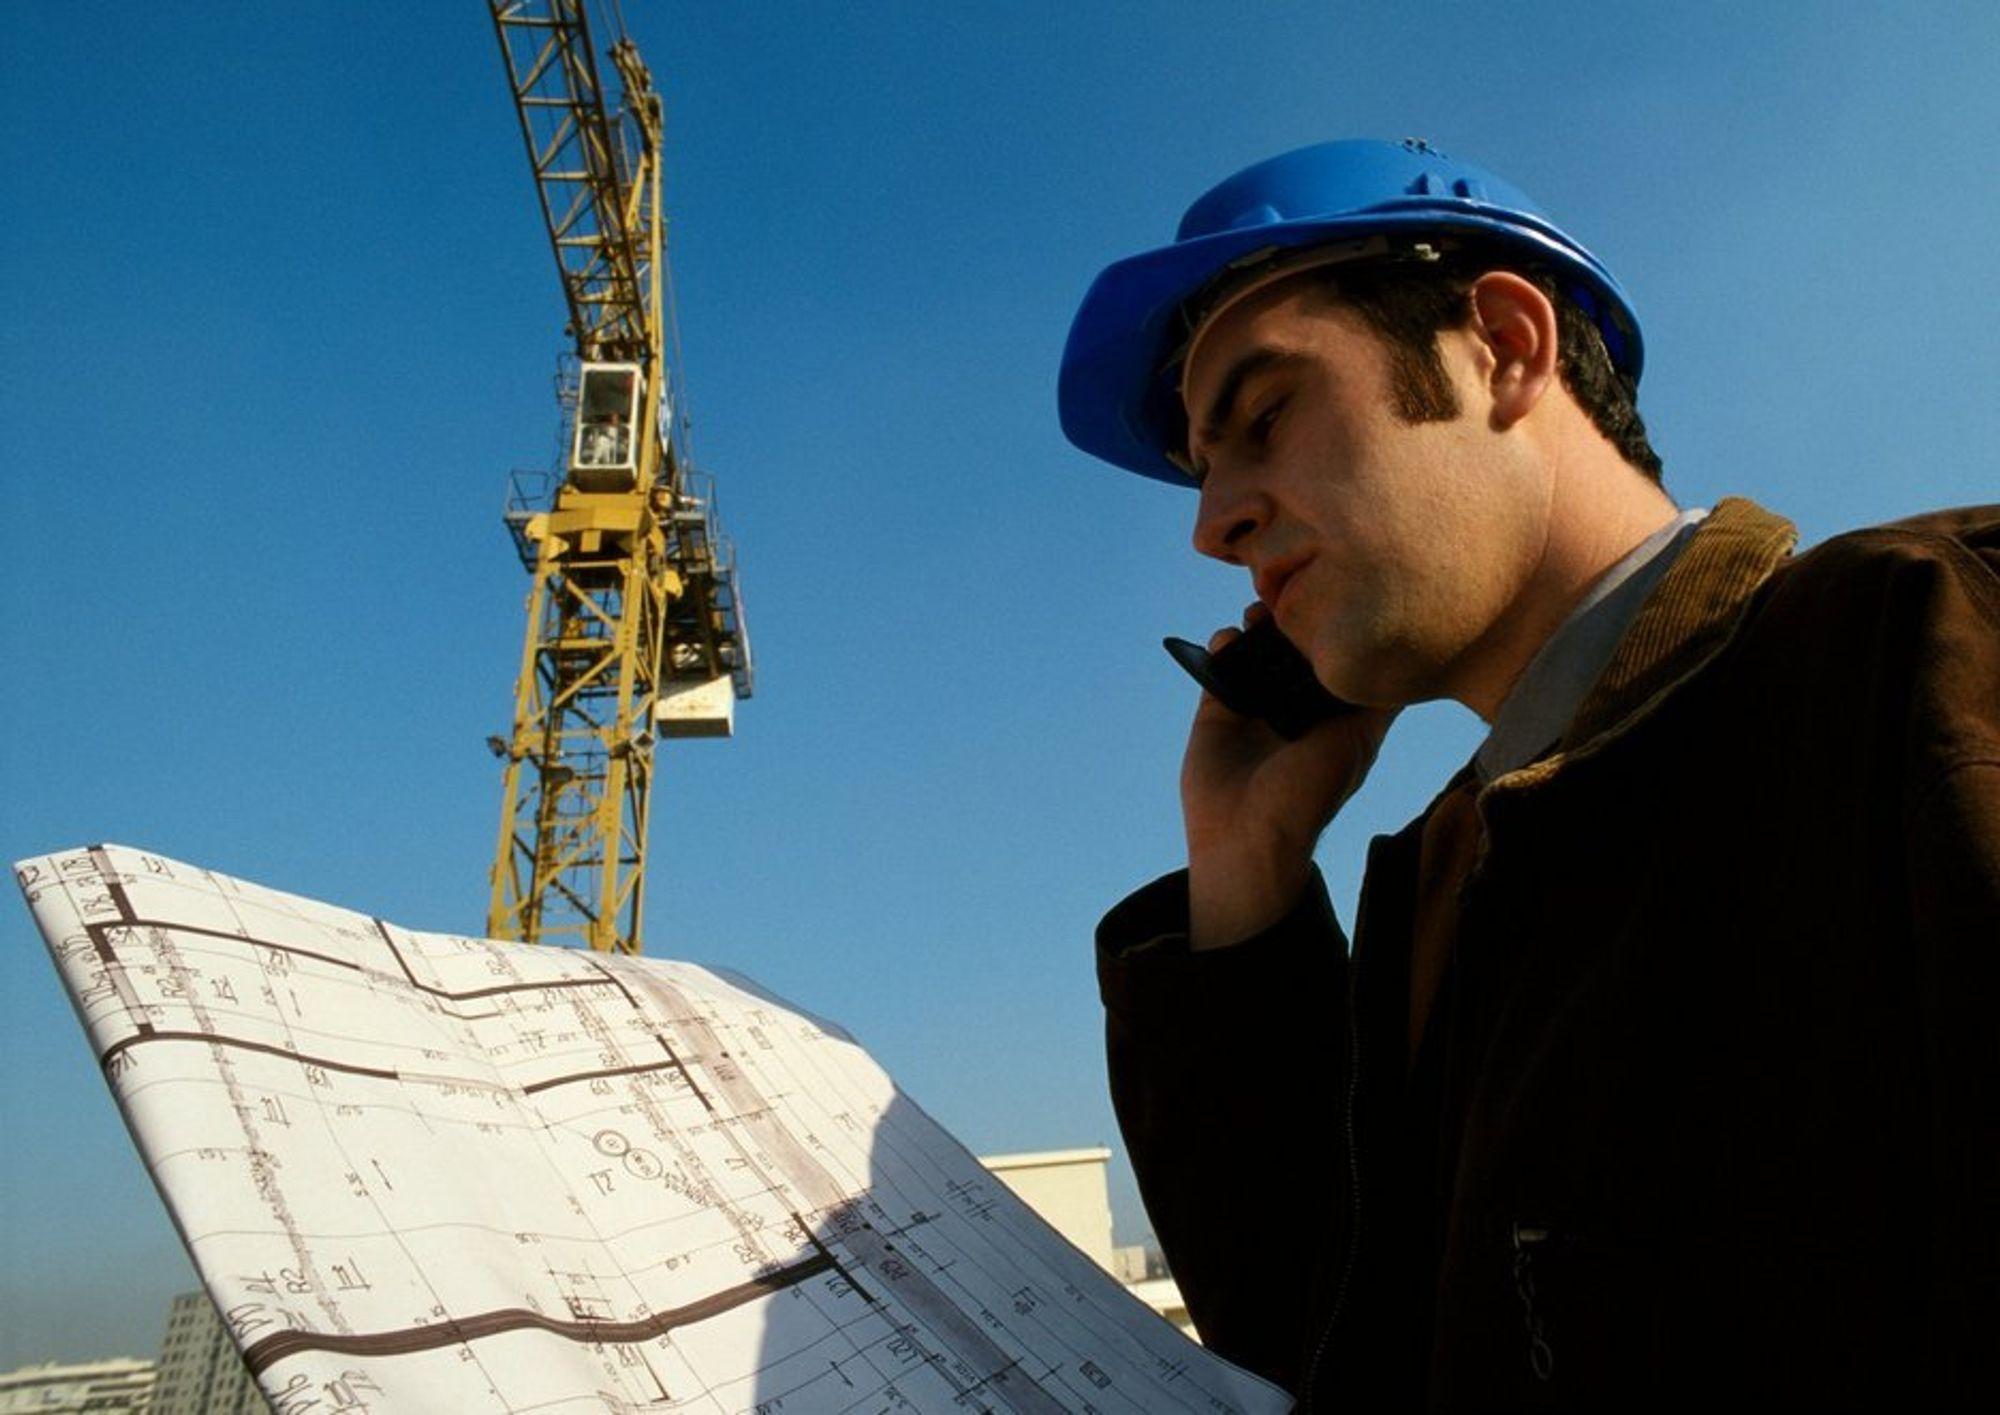 Er det ingeniør du vil bli, er det fortsatt en rekke ledige plasser rundt omkring på landets studiesteder.